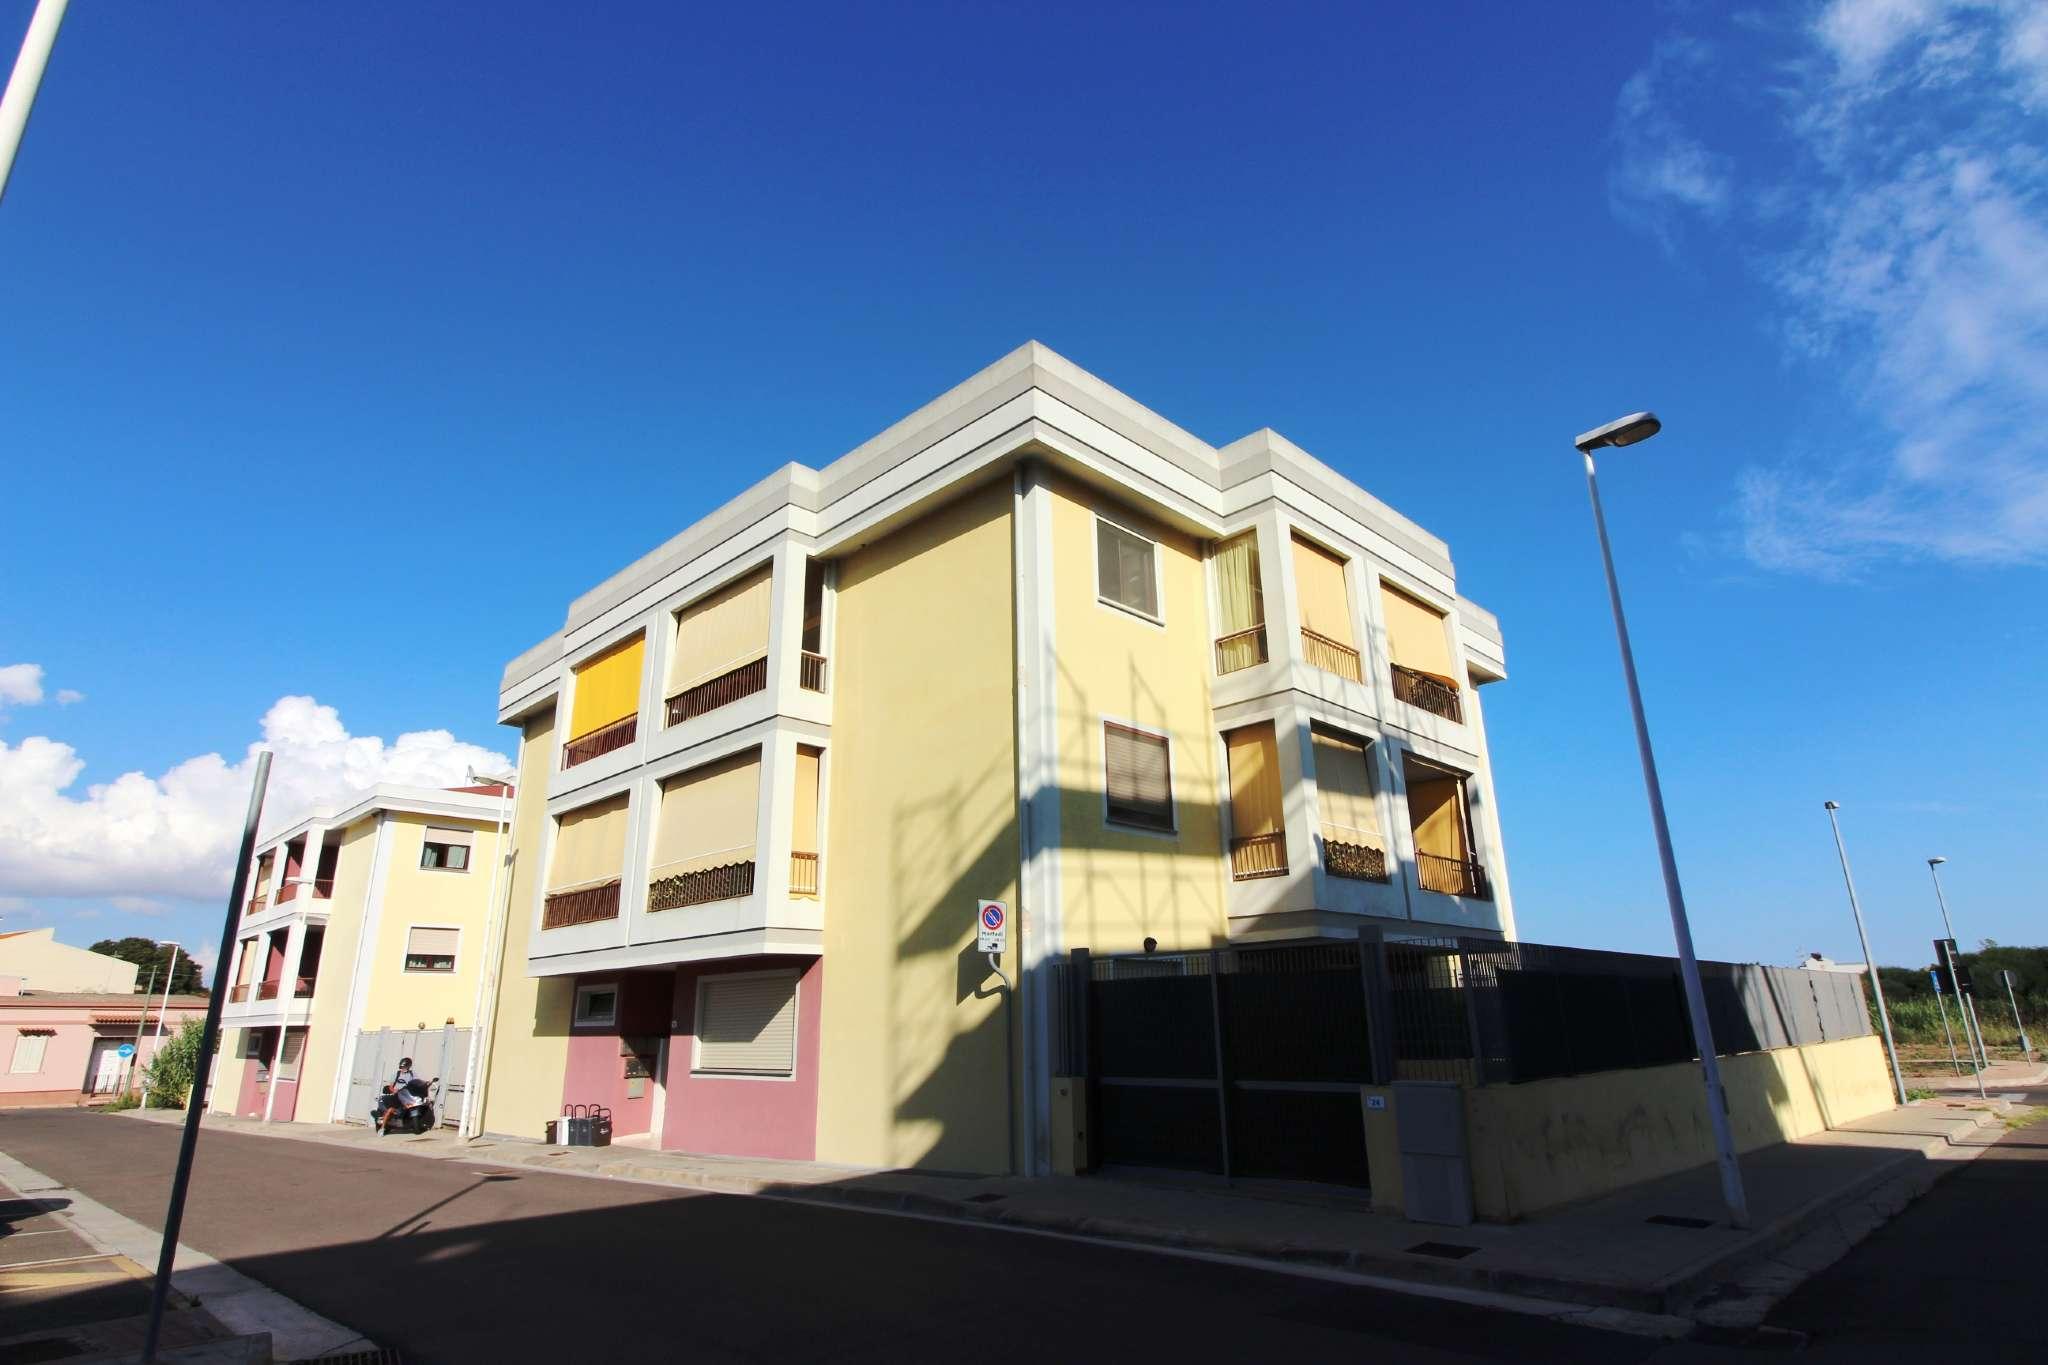 Appartamento in vendita a Elmas, 5 locali, prezzo € 250.000 | CambioCasa.it